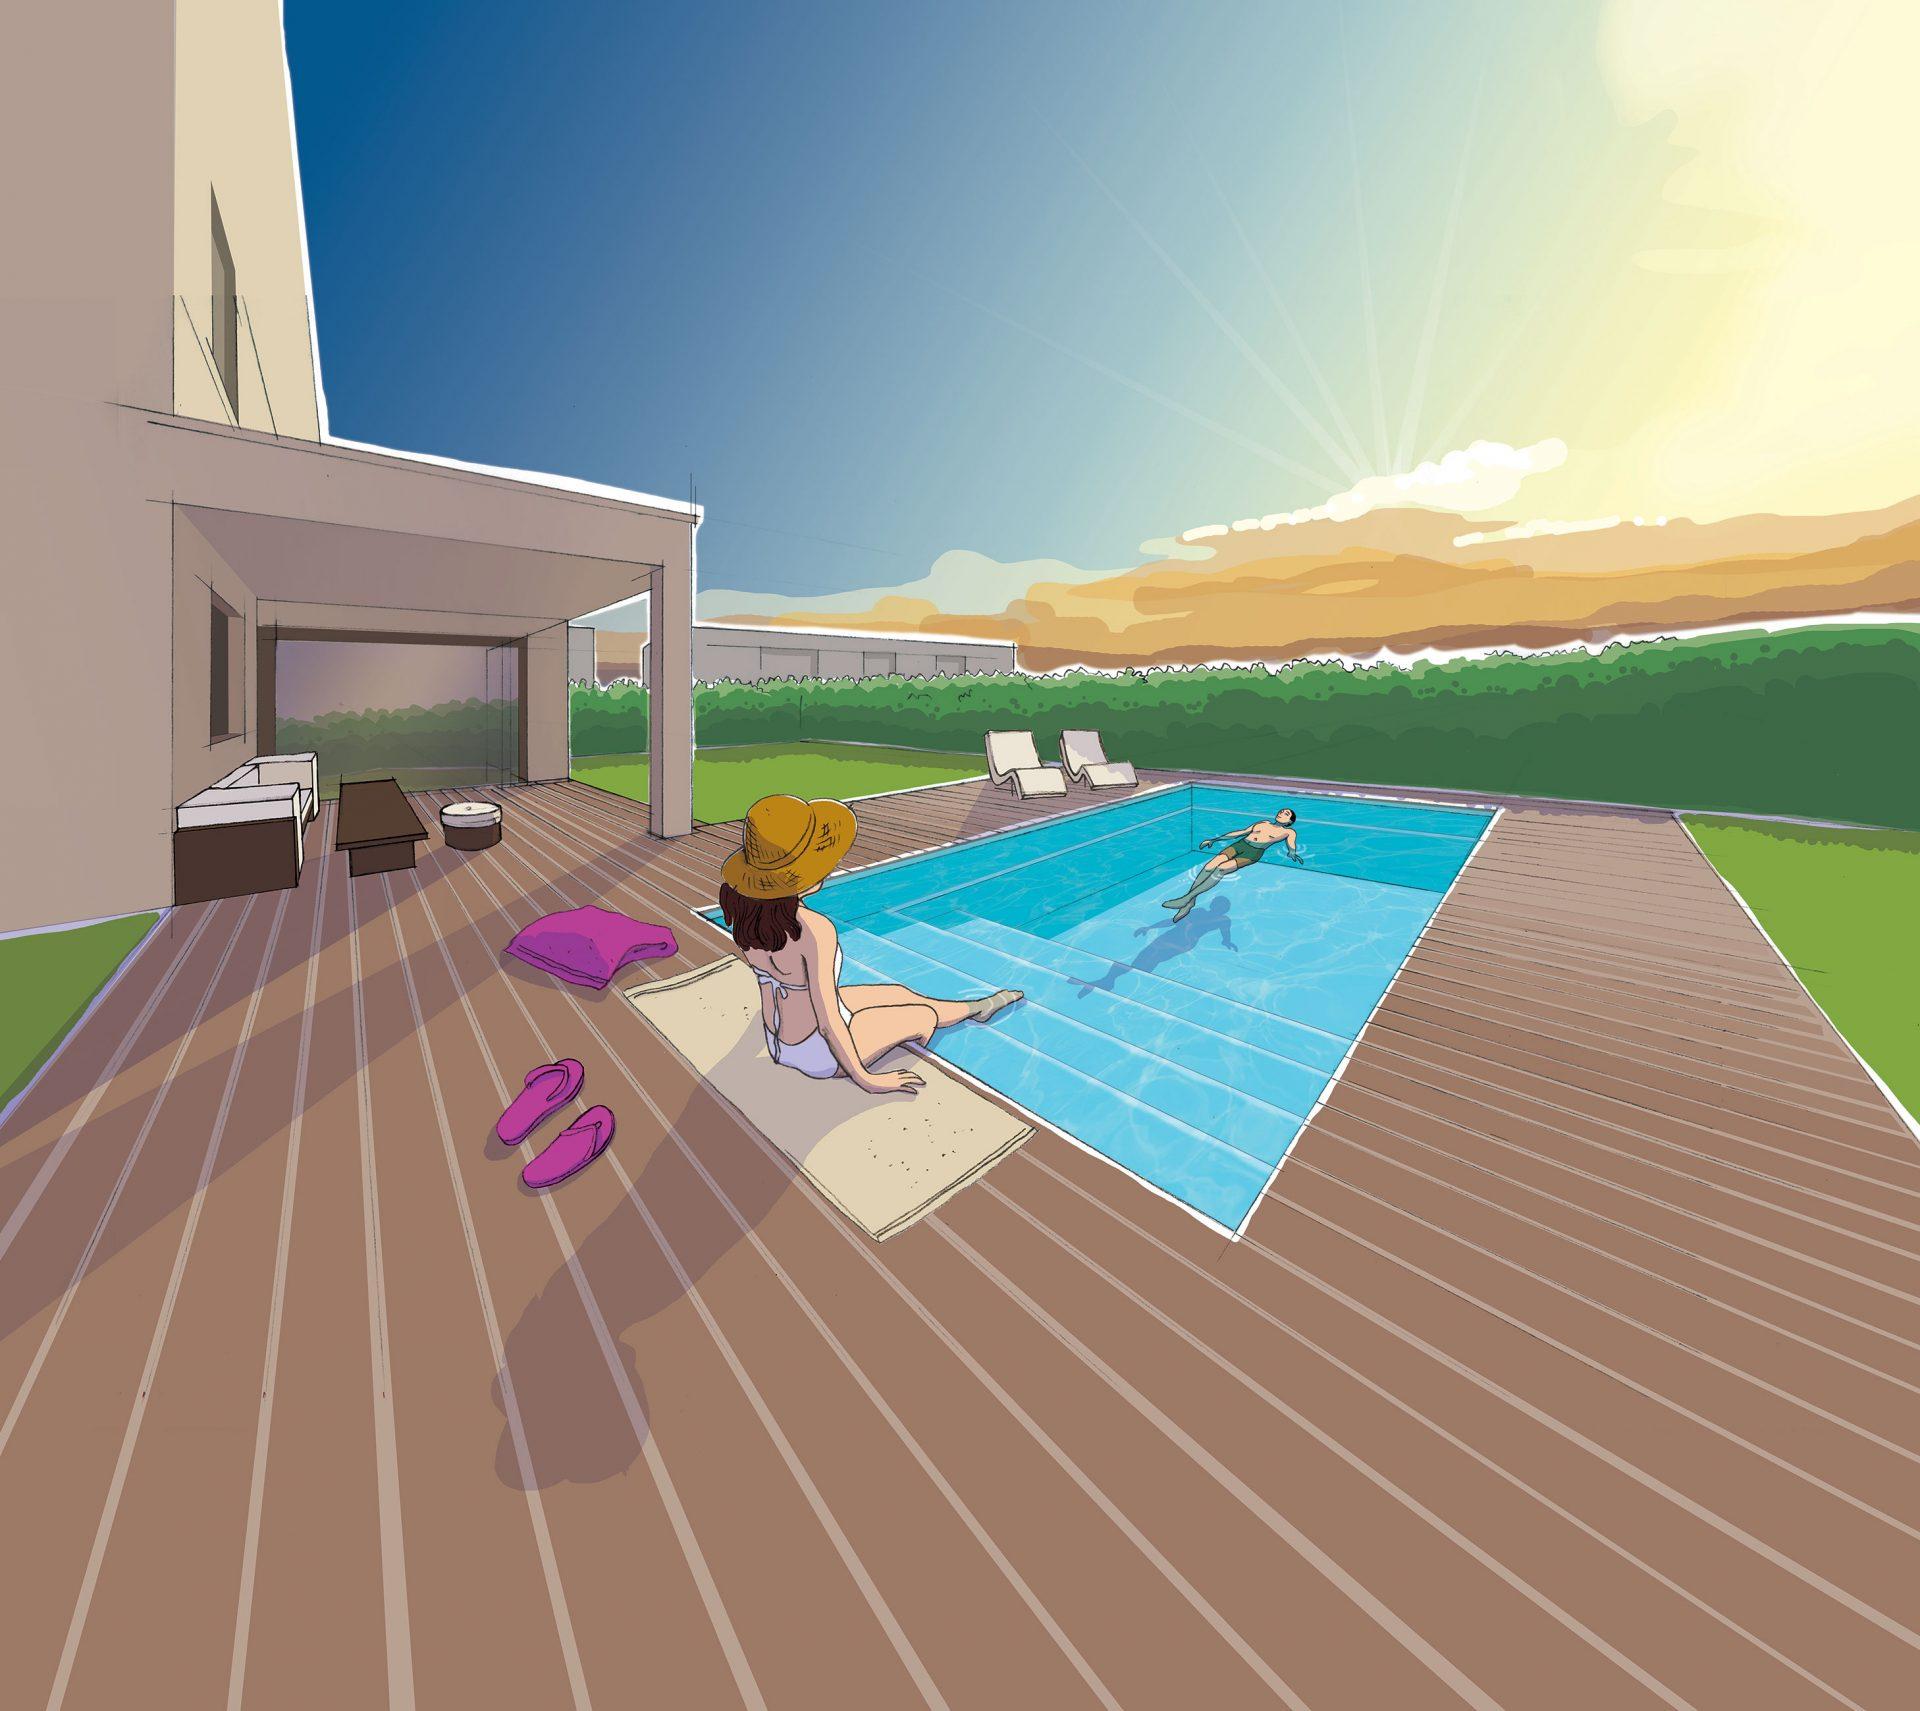 image-illustr-Ibiza-01.jpg